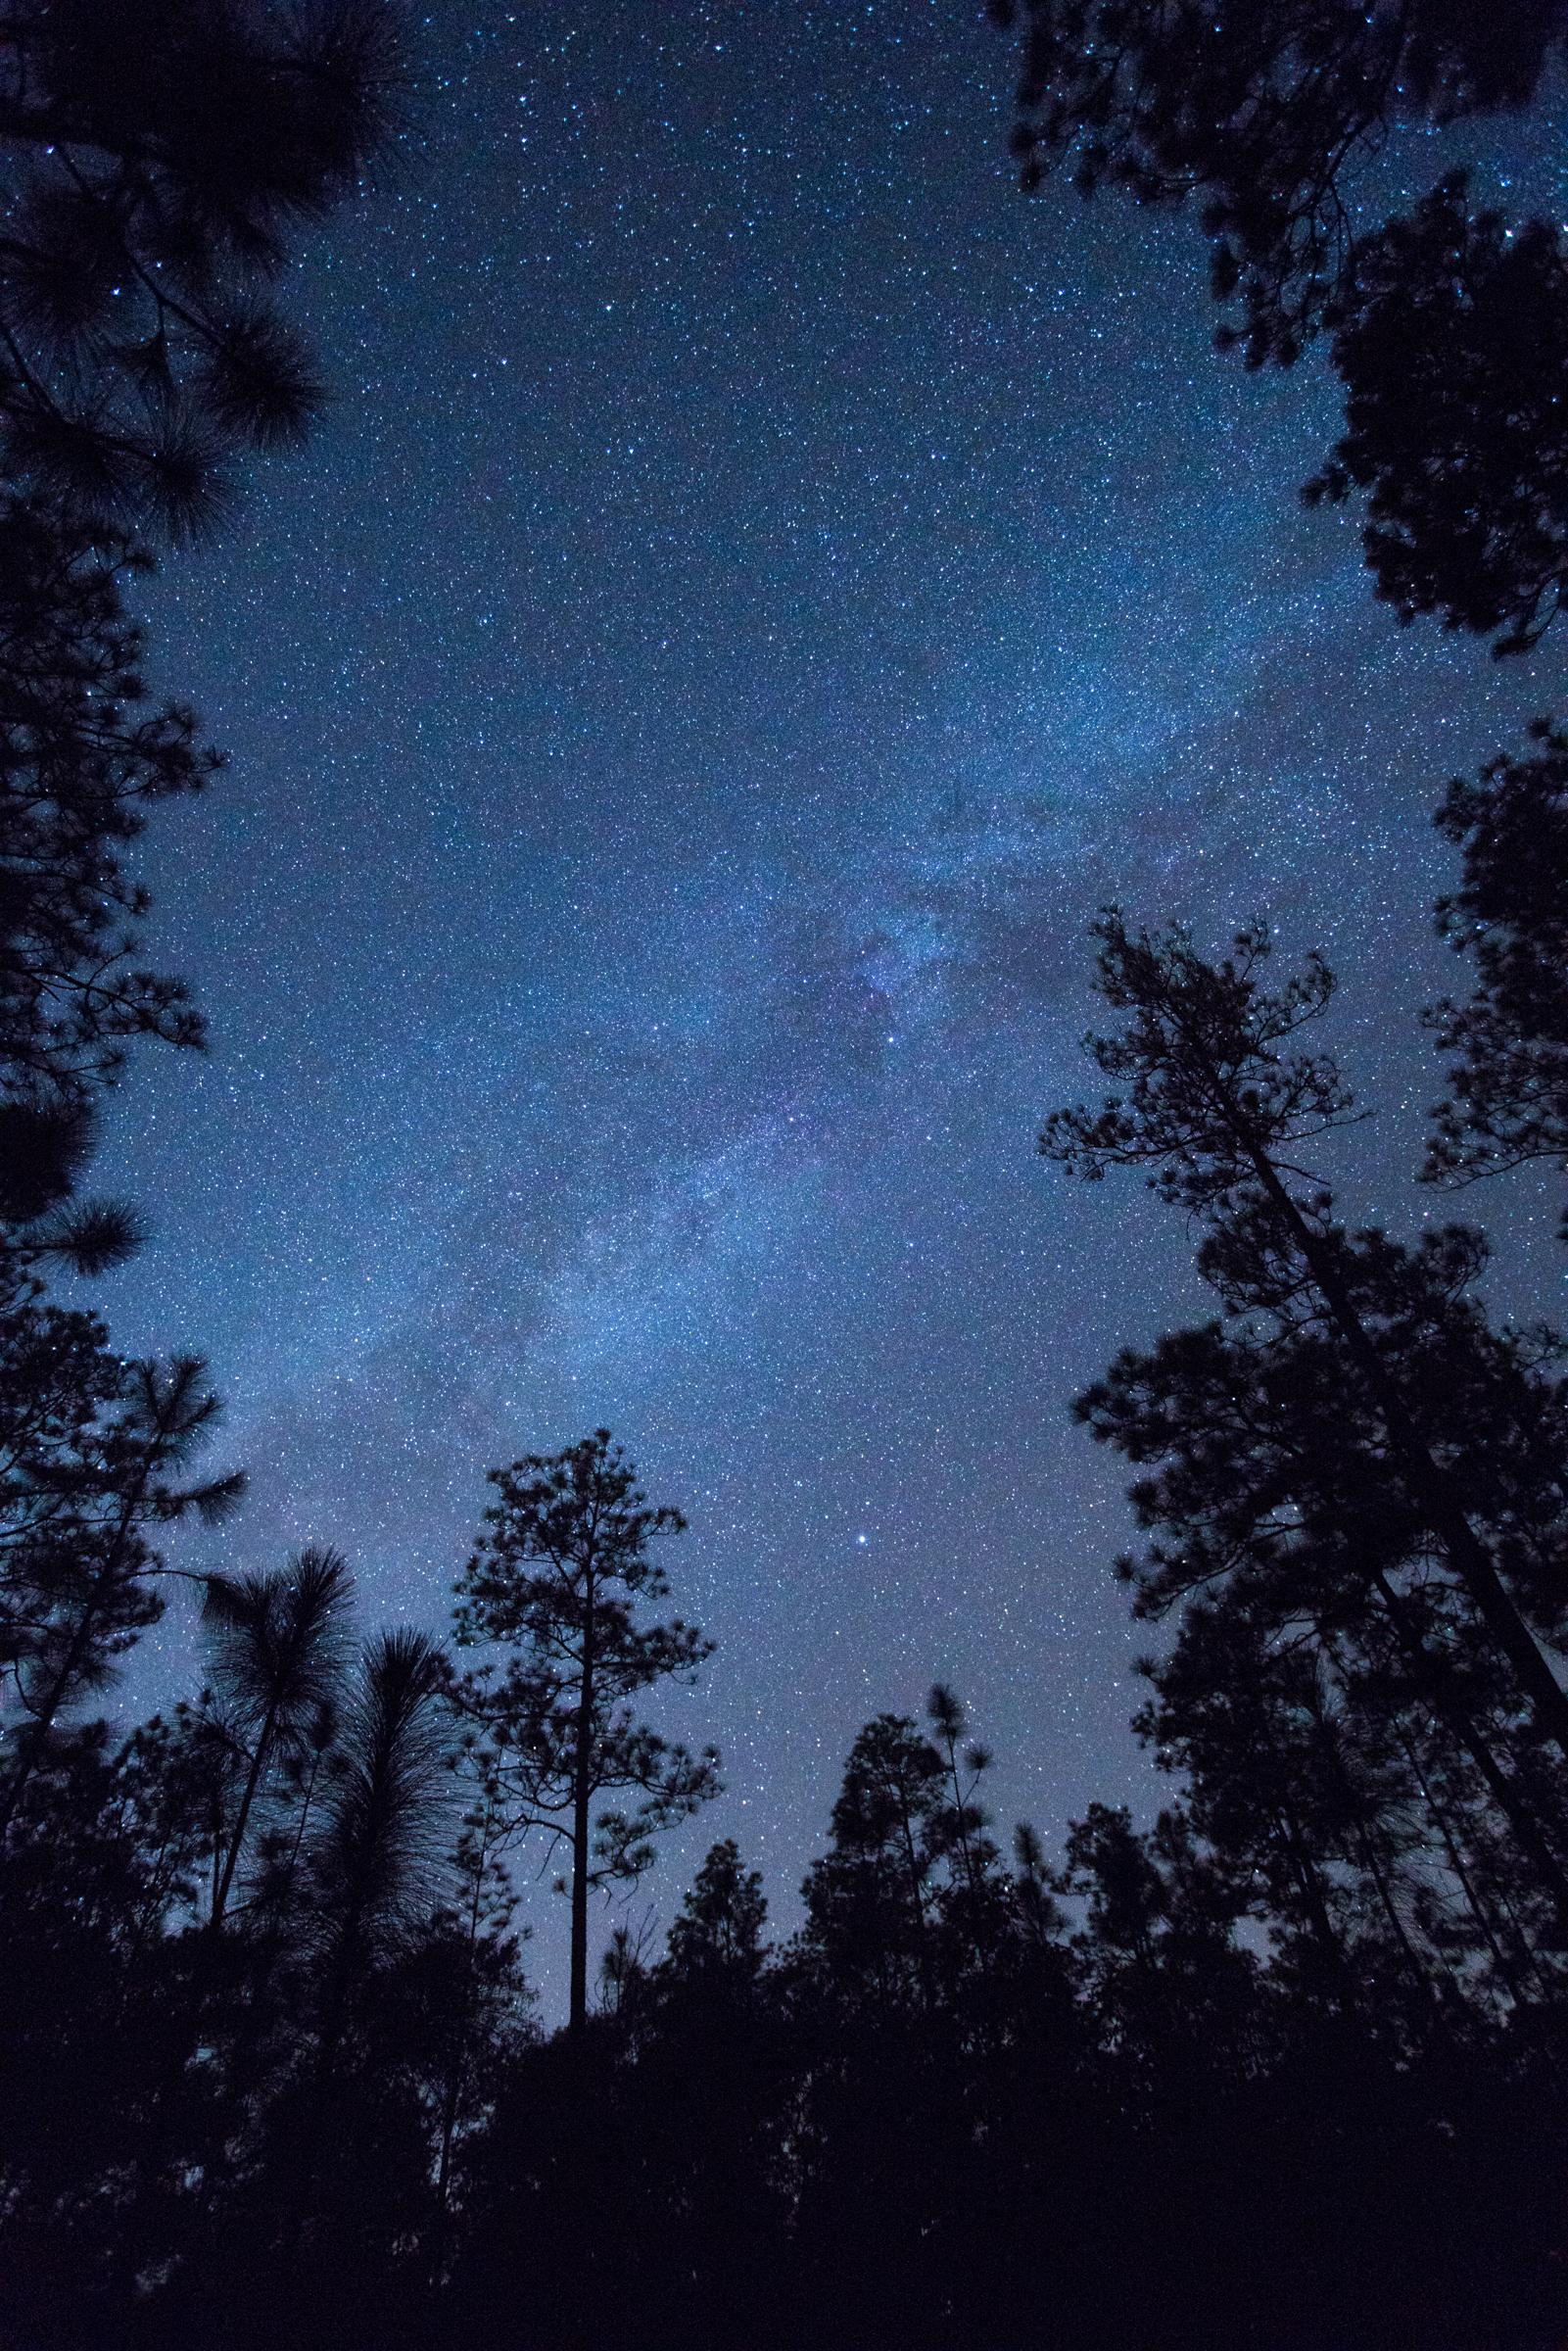 The Milky Way in Longleaf.jpg